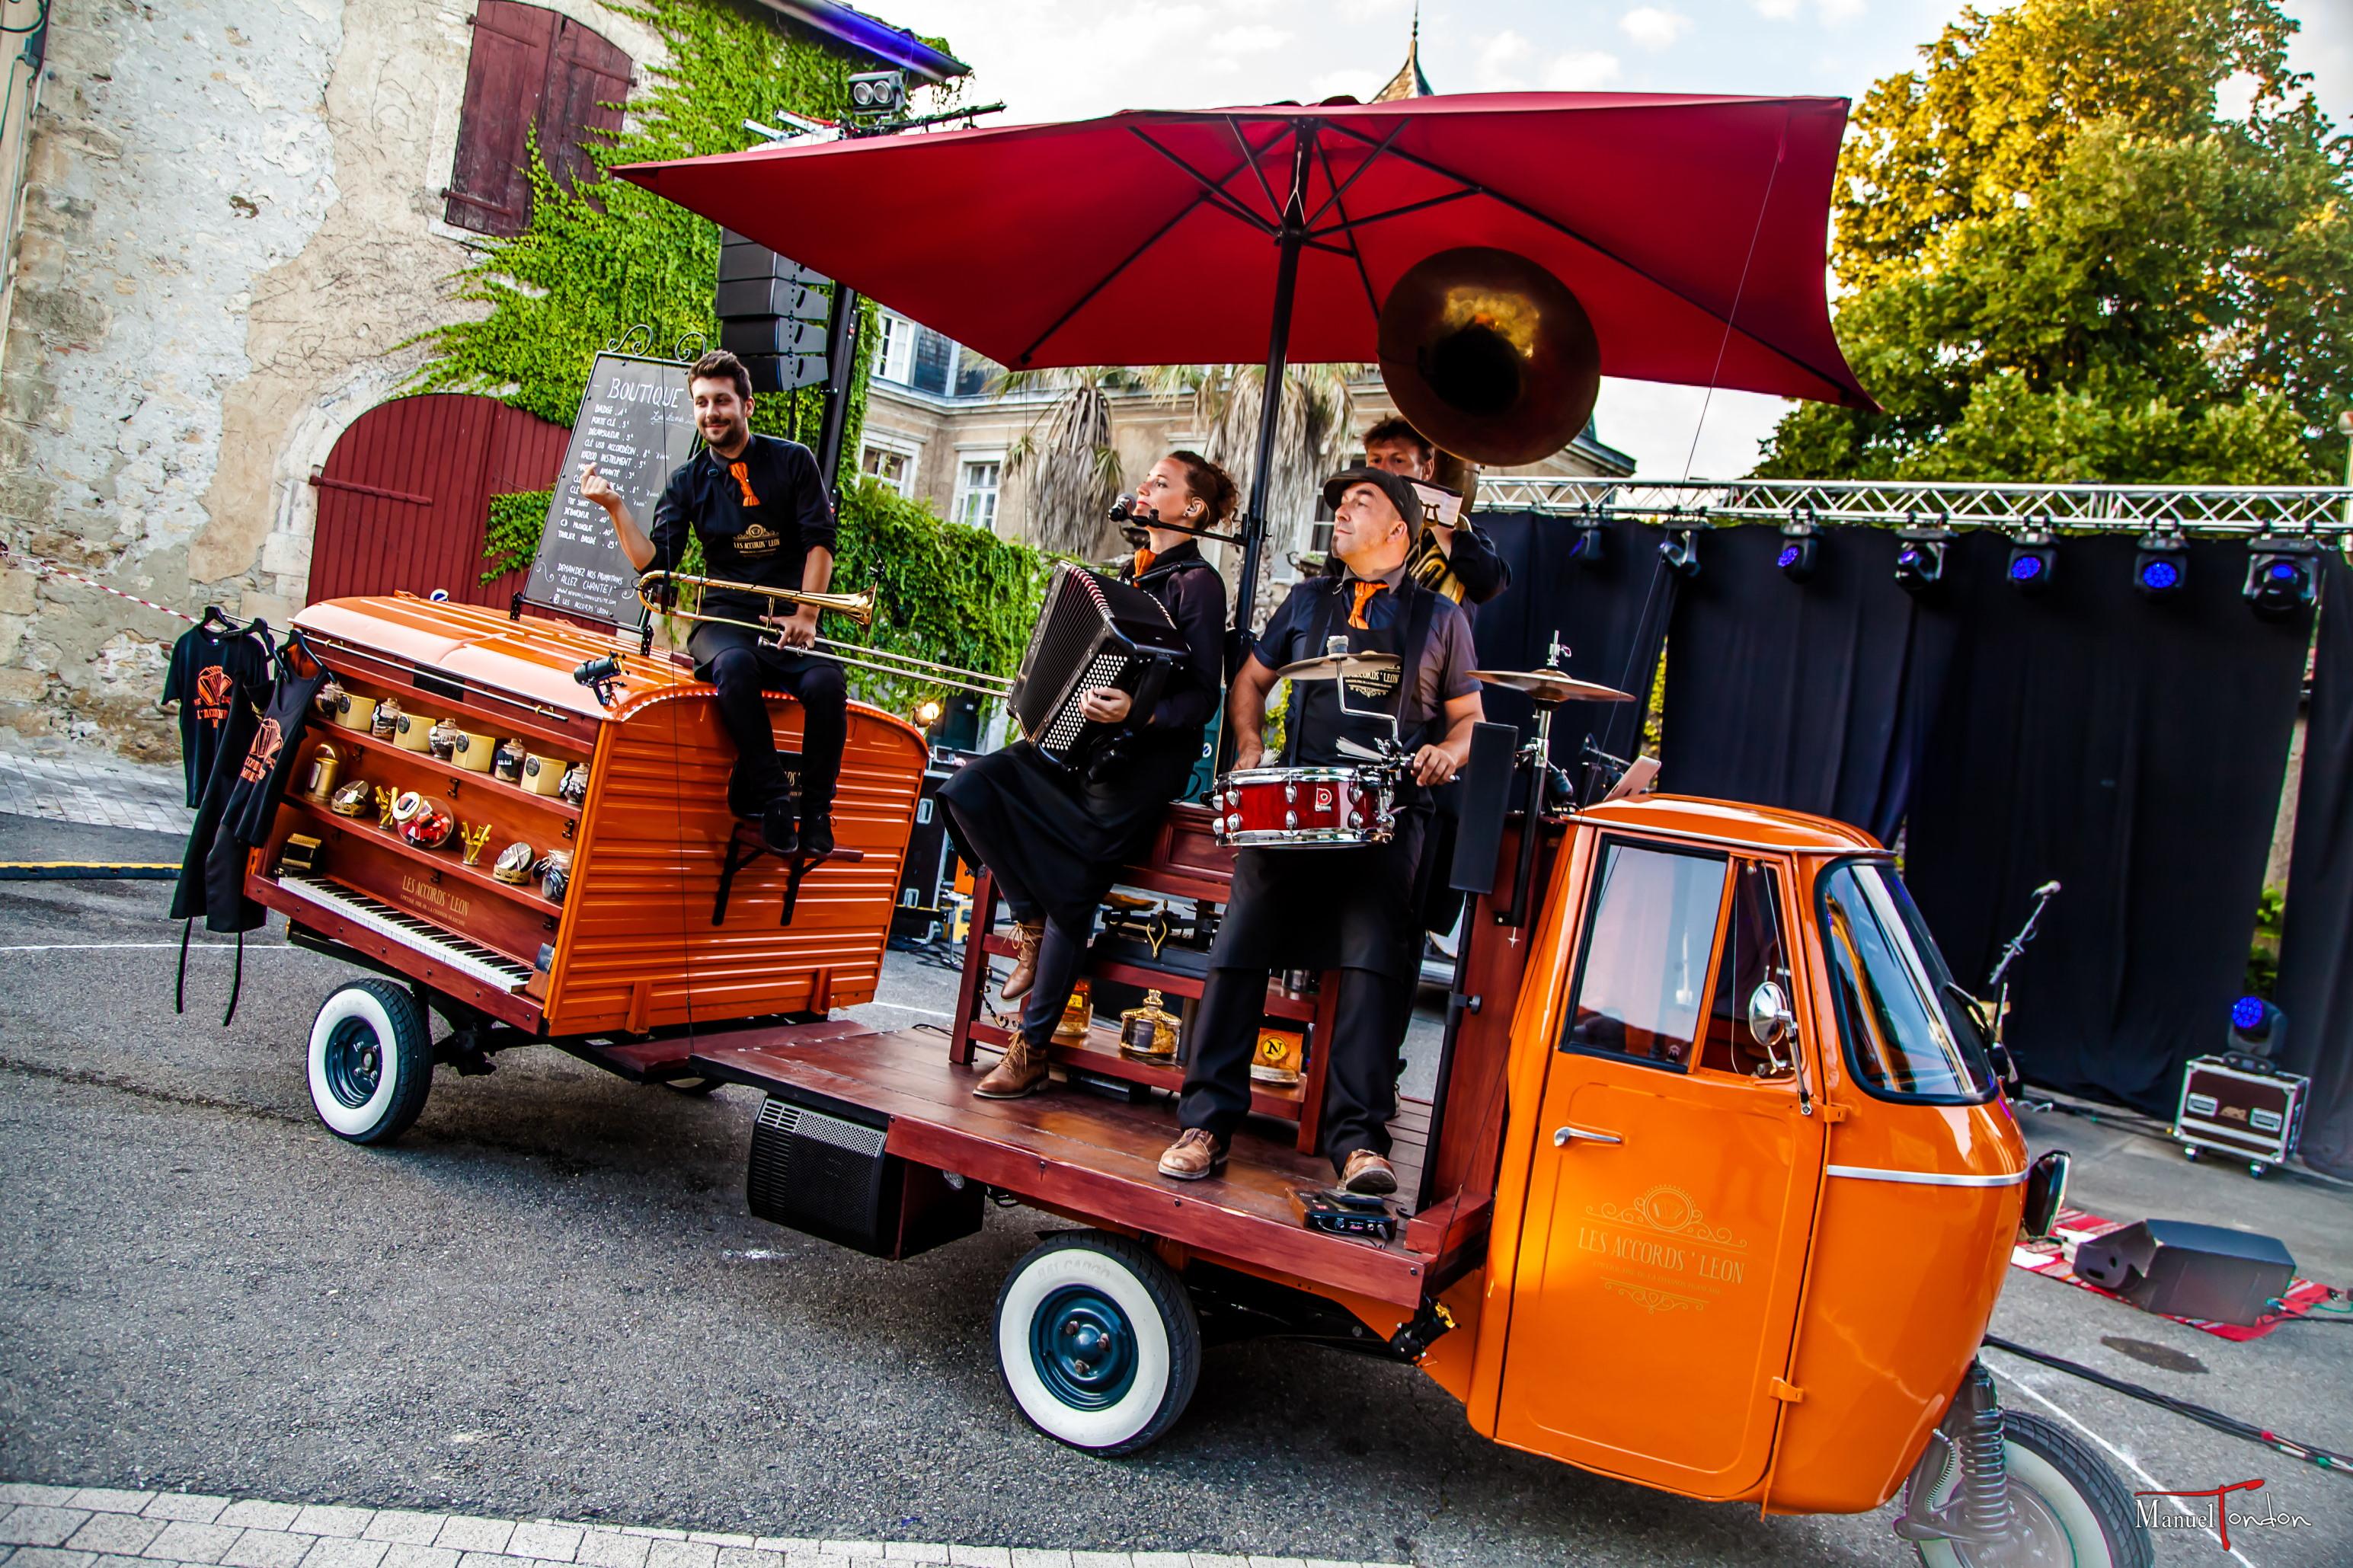 Les Accord_s Leon - La Parade des 5 Sens_(2019-07-14)_IMG_6490 55